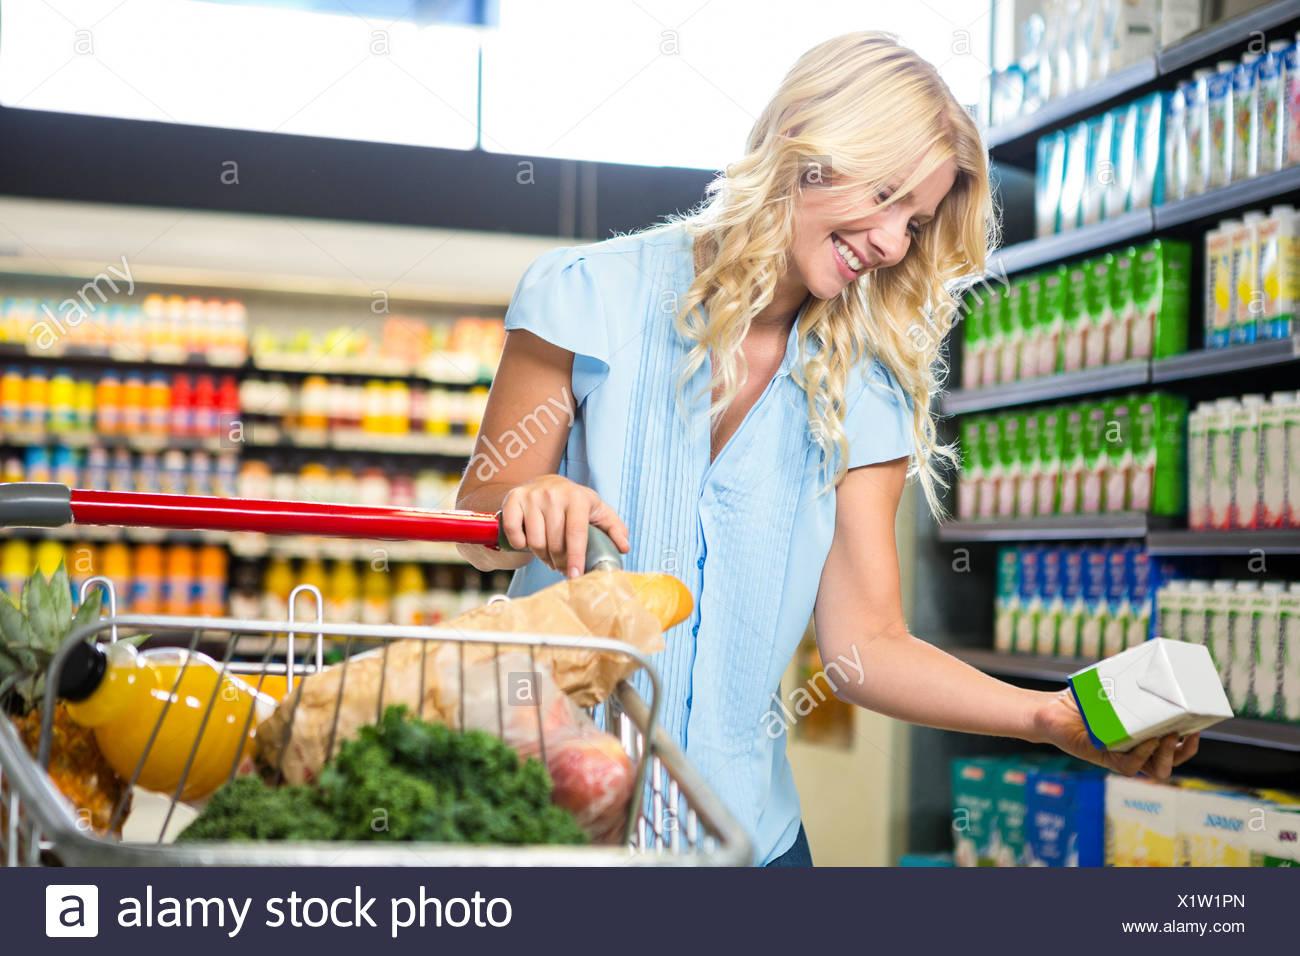 Beautiful woman holding product Stock Photo